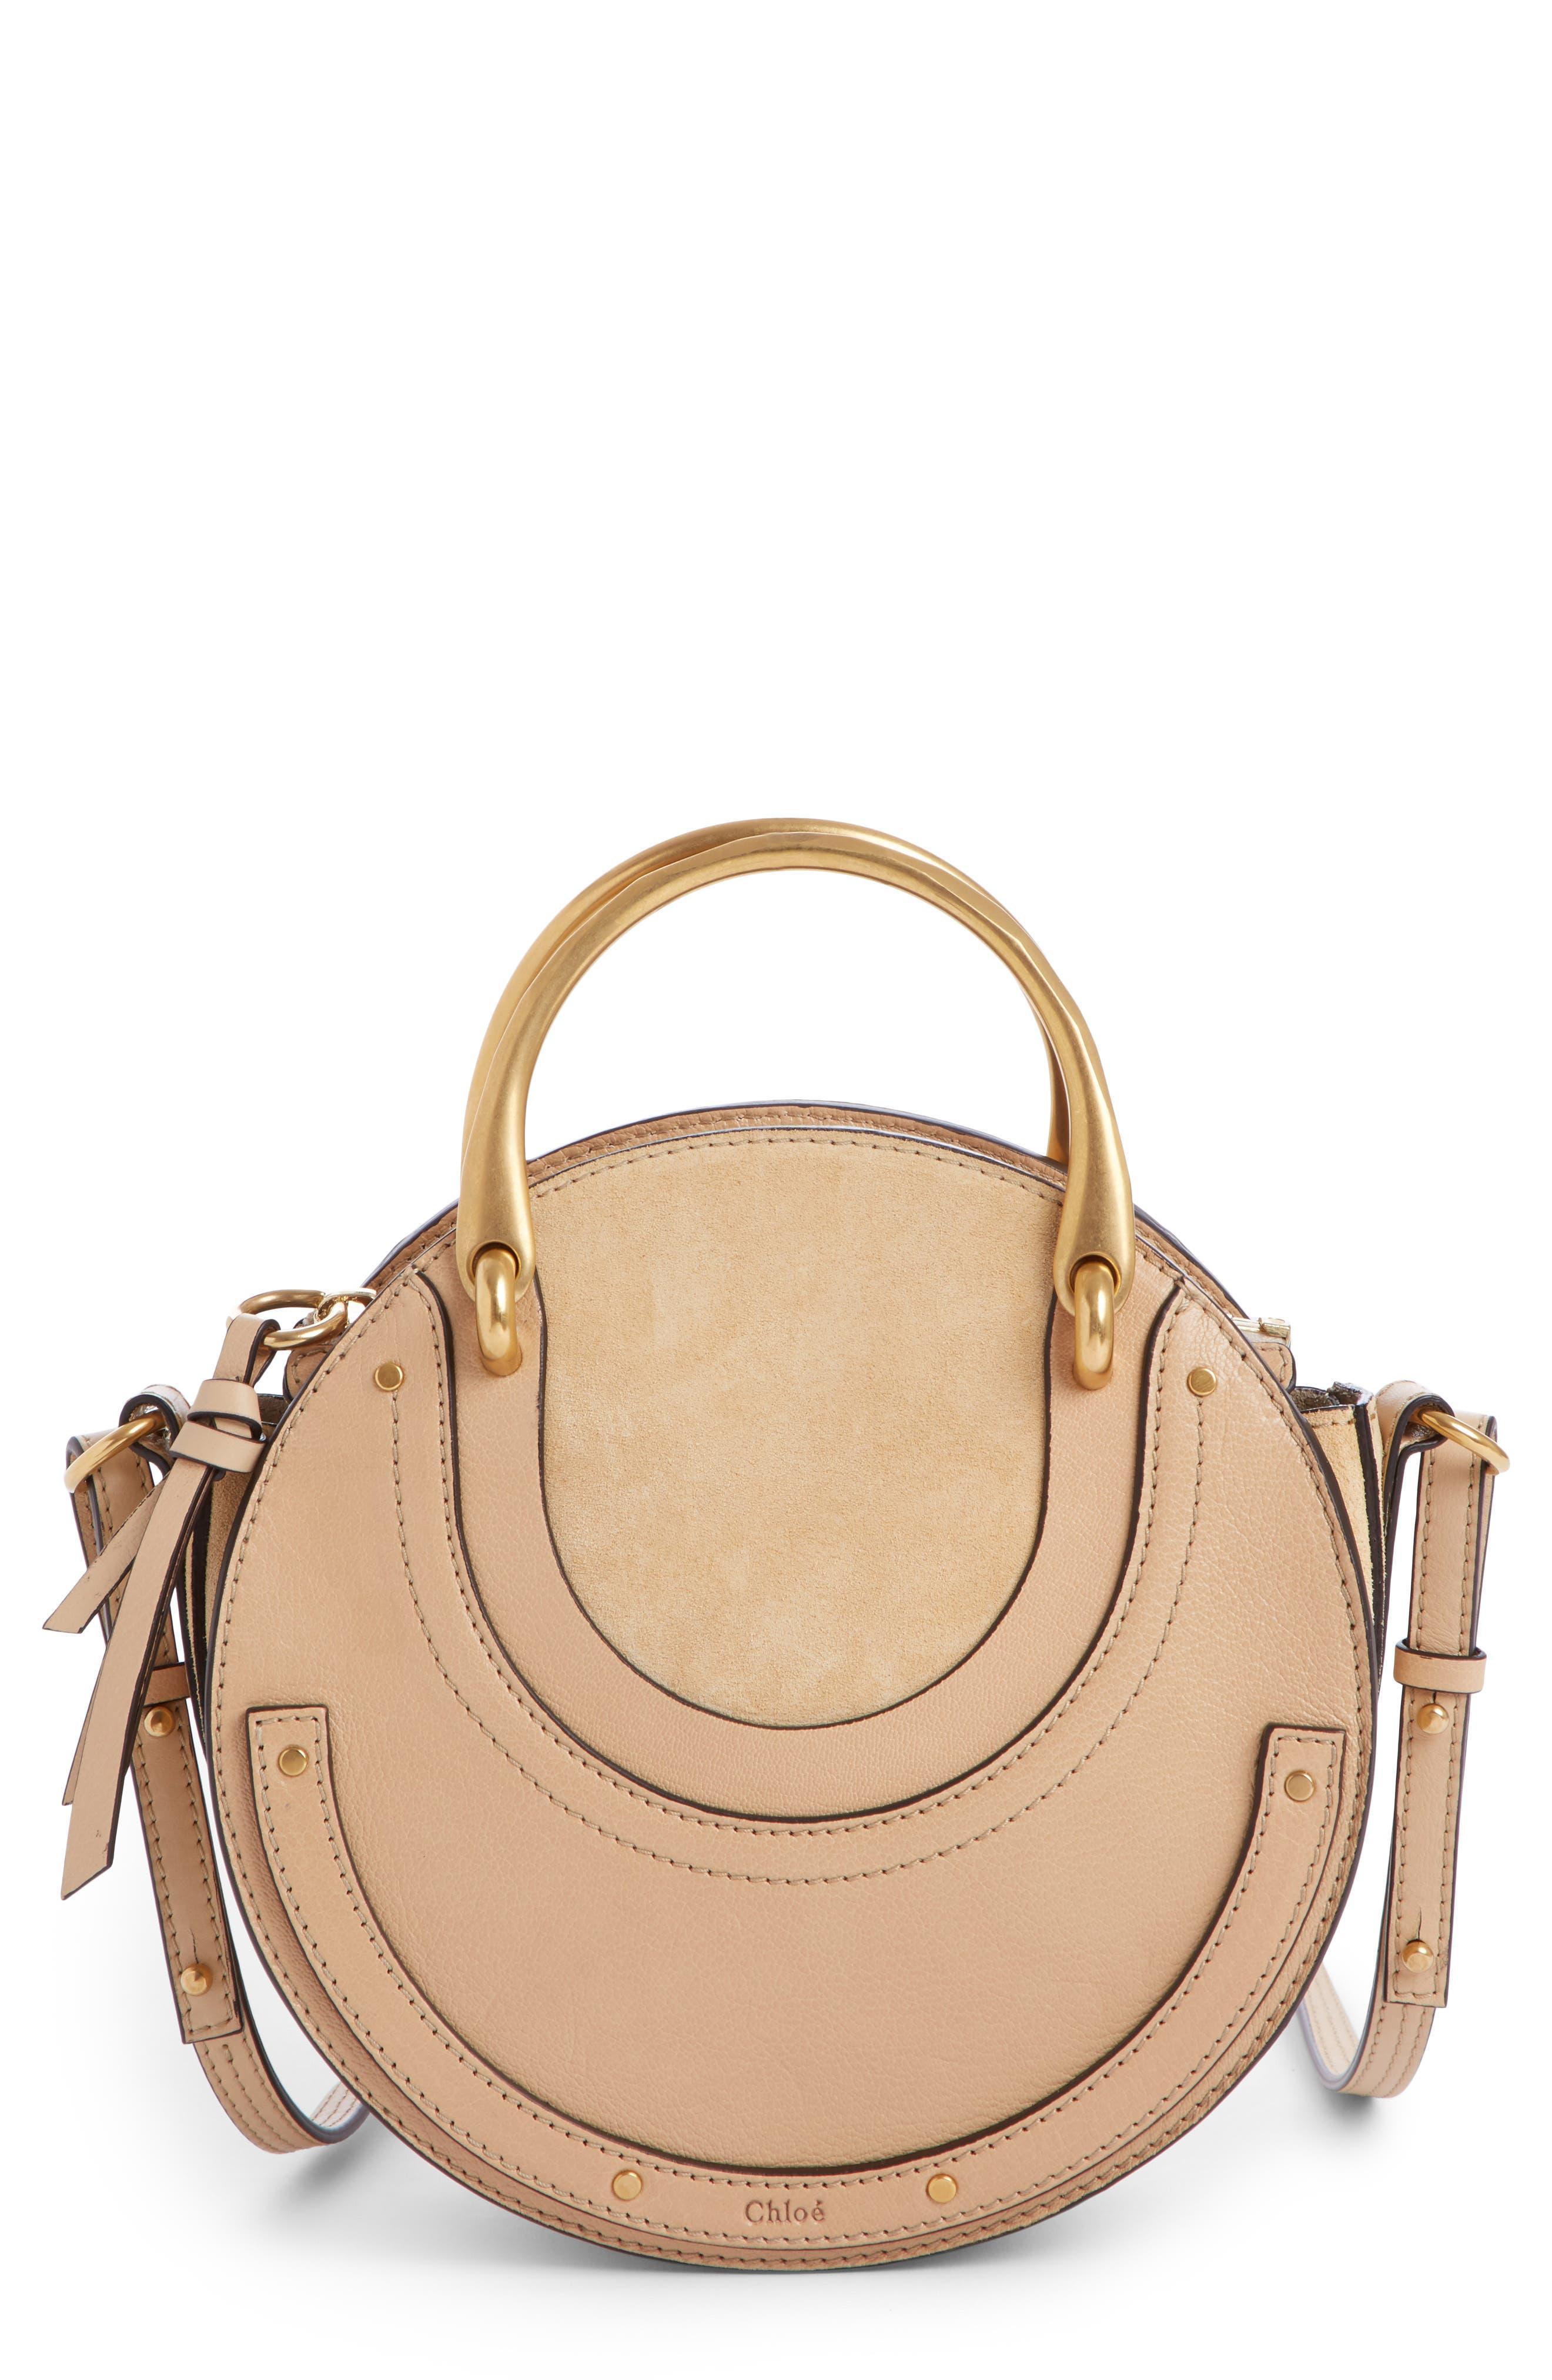 Chloé Pixie Leather Crossbody Bag